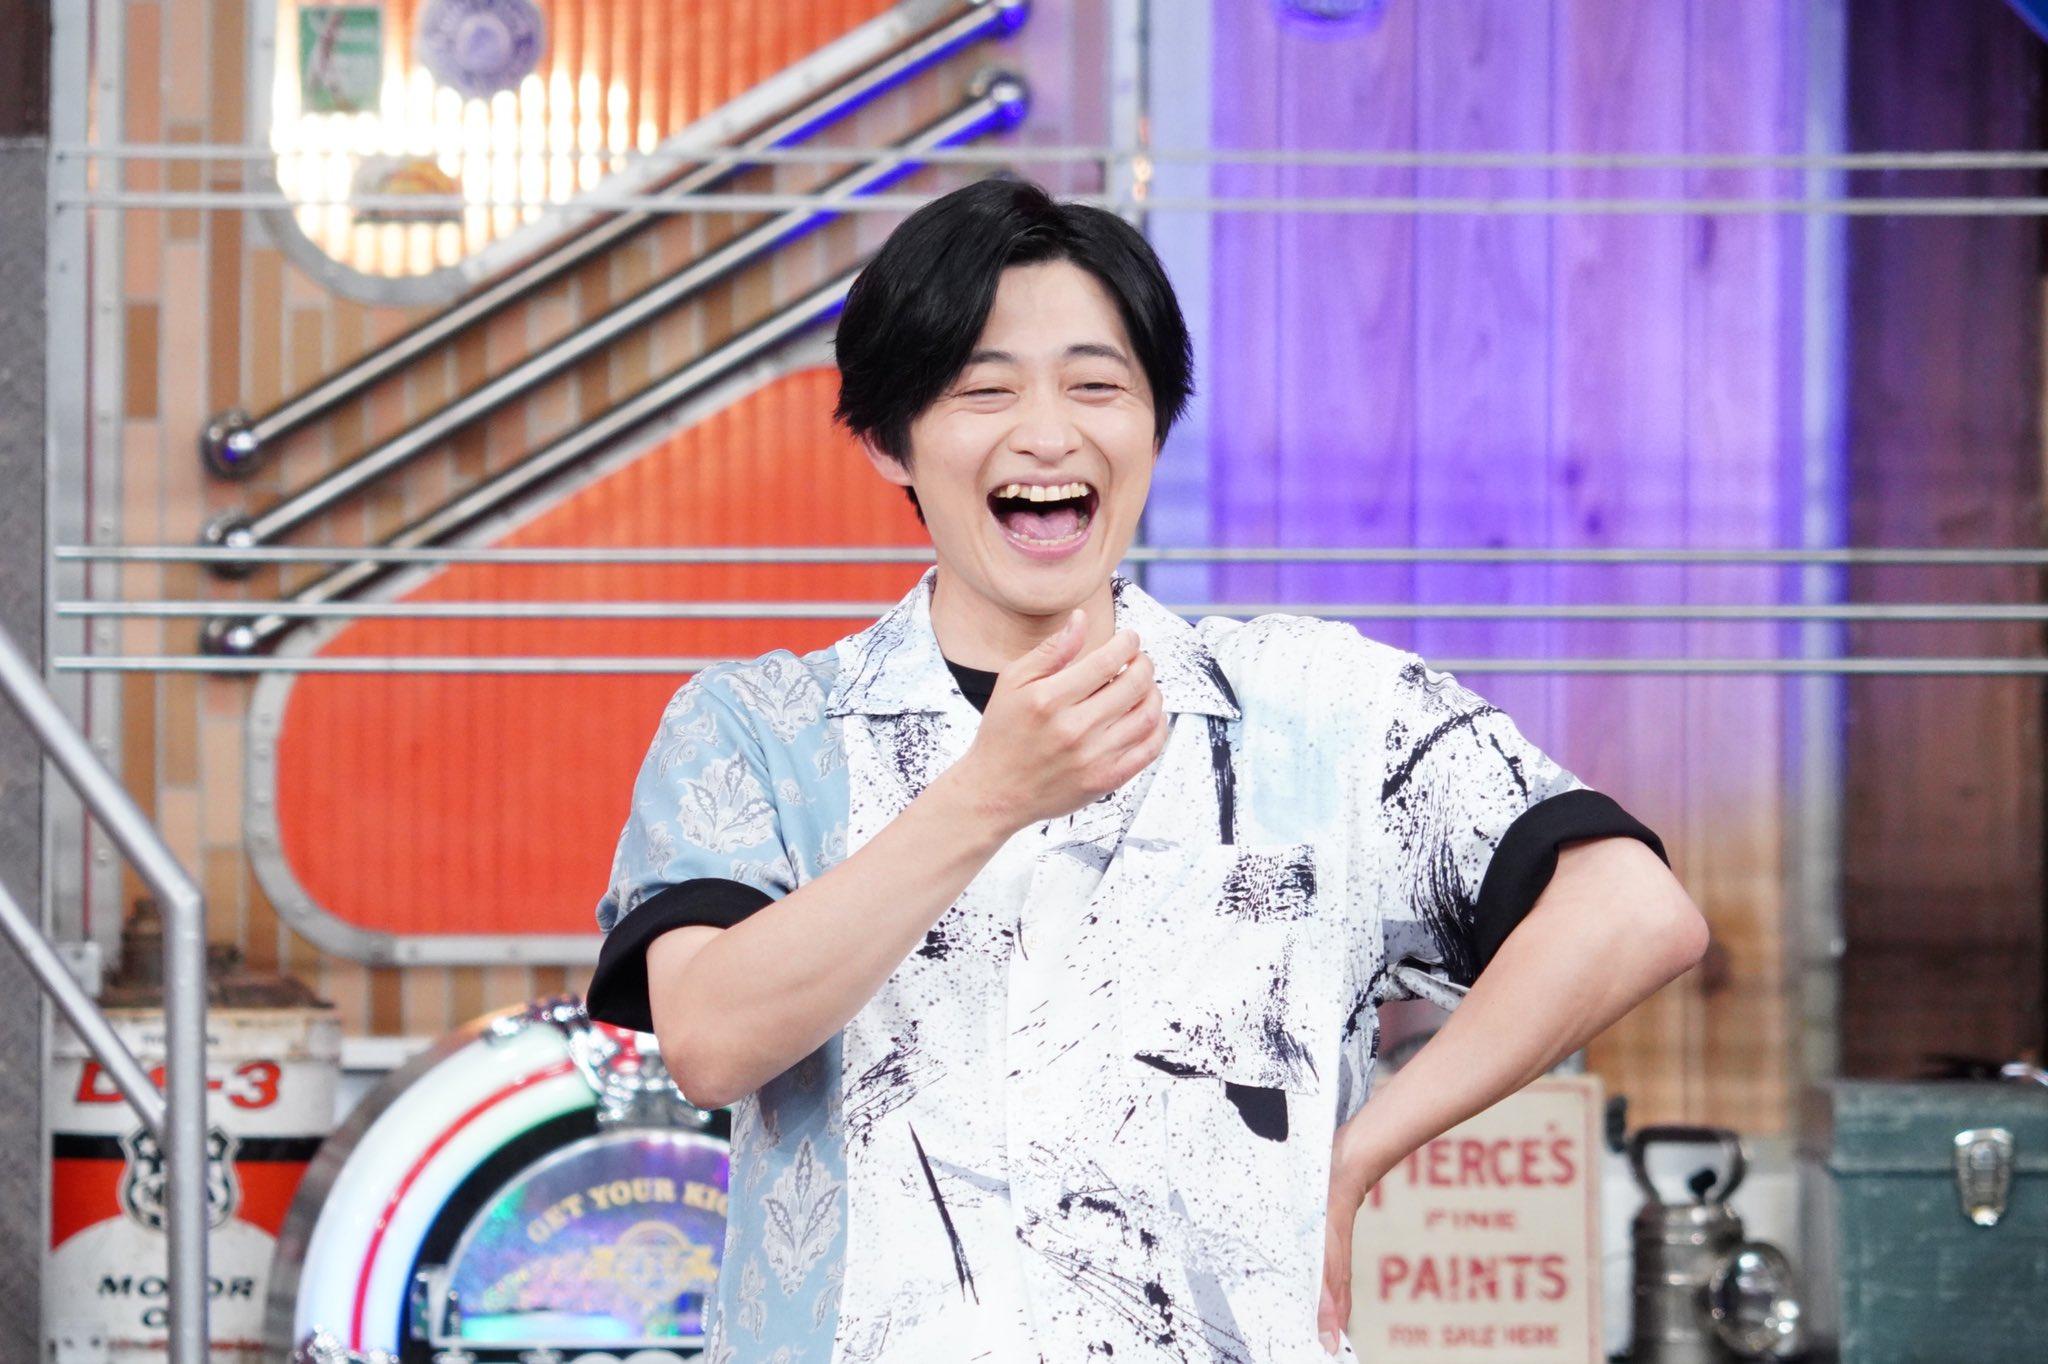 下野紘さん「ウチガヤ」で早口言葉を叫び、〇〇にアテレコ!?「声優としてまだまだと痛感」